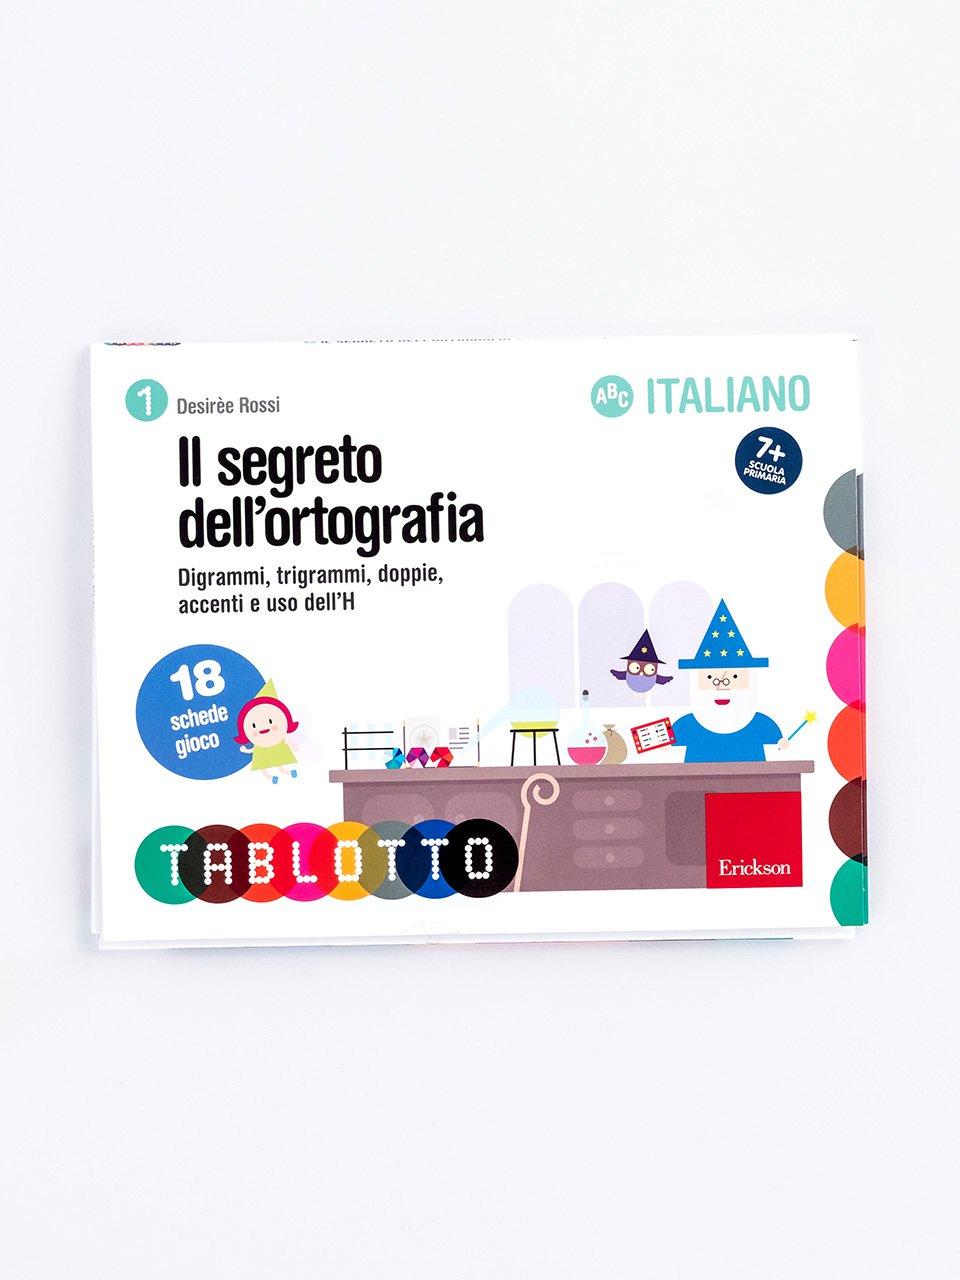 Schede per Tablotto (6-8 anni) - Il segreto dell'ortografia - Schede per Tablotto (6-8 anni) - Grammatica incant - Giochi - Erickson